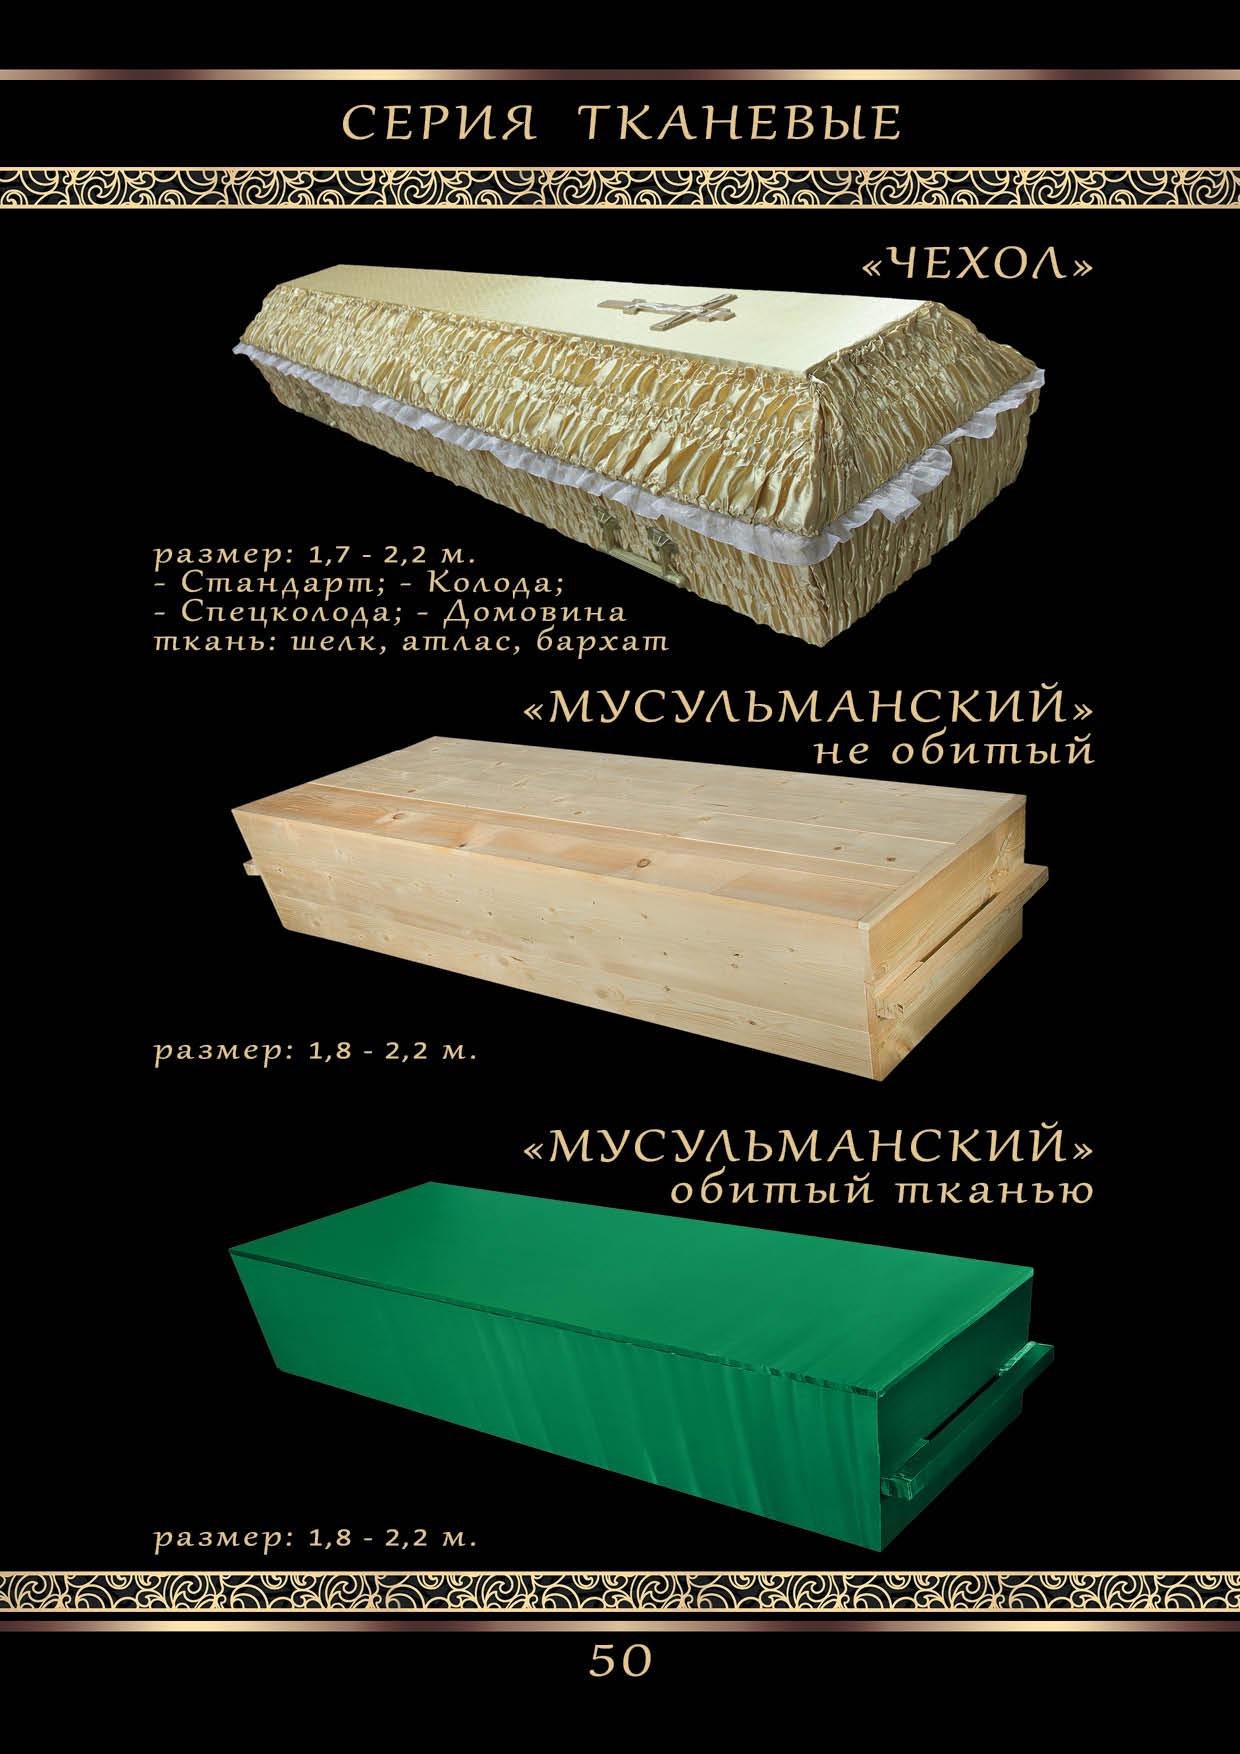 Обновленный каталог Фаворит